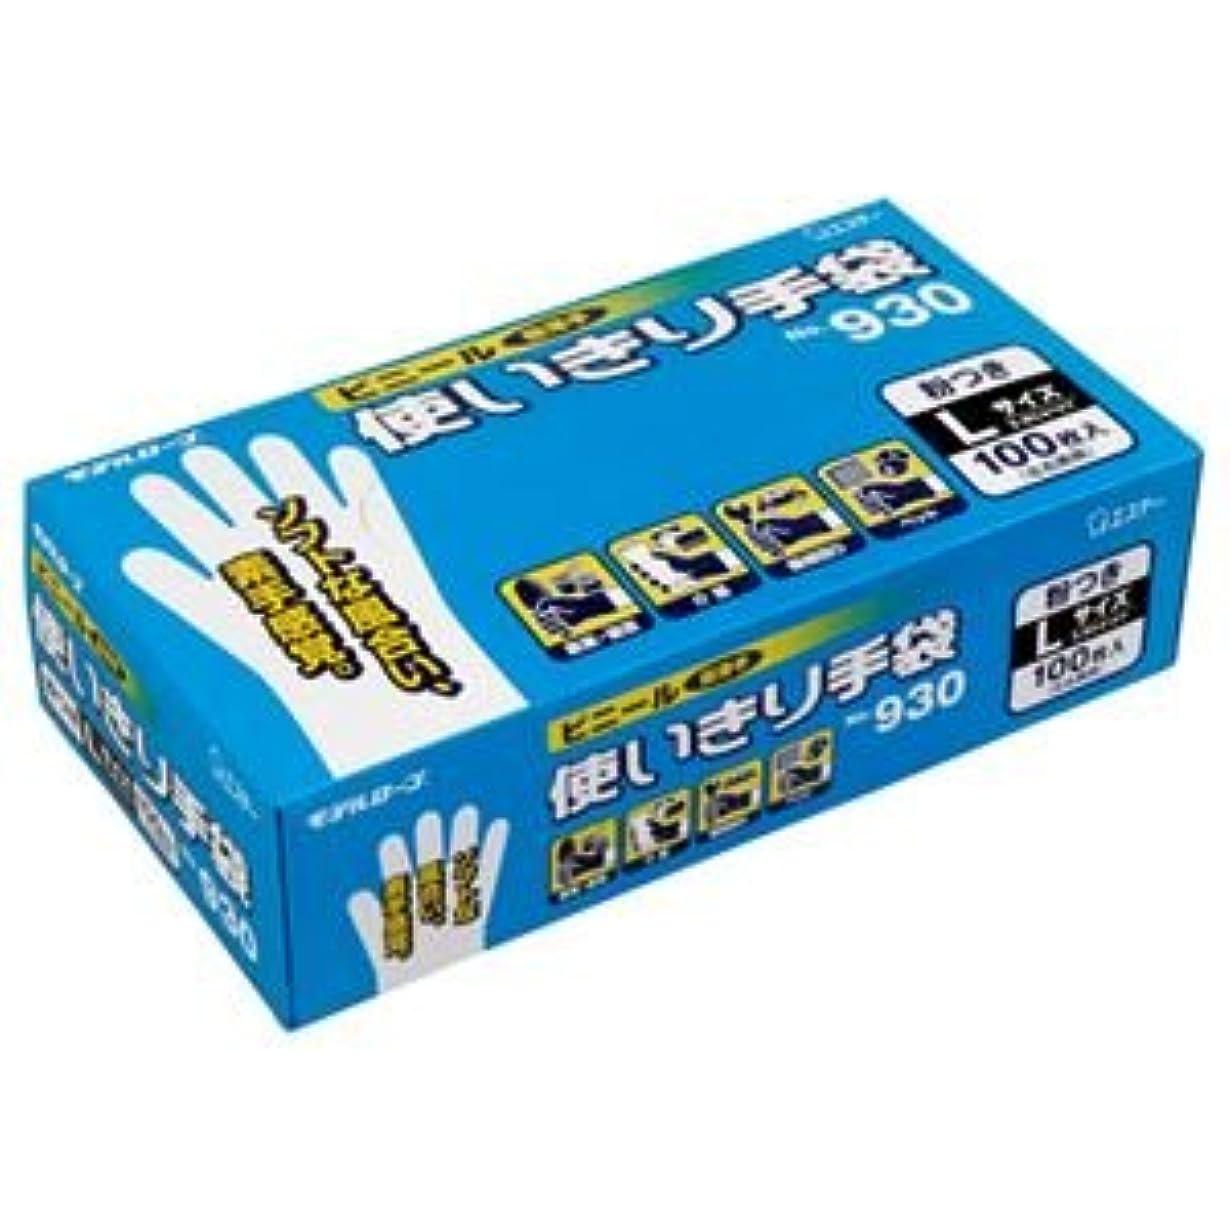 気性パテリル(まとめ) エステー No.930 ビニール使いきり手袋(粉付) L 1箱(100枚) 【×5セット】 〈簡易梱包